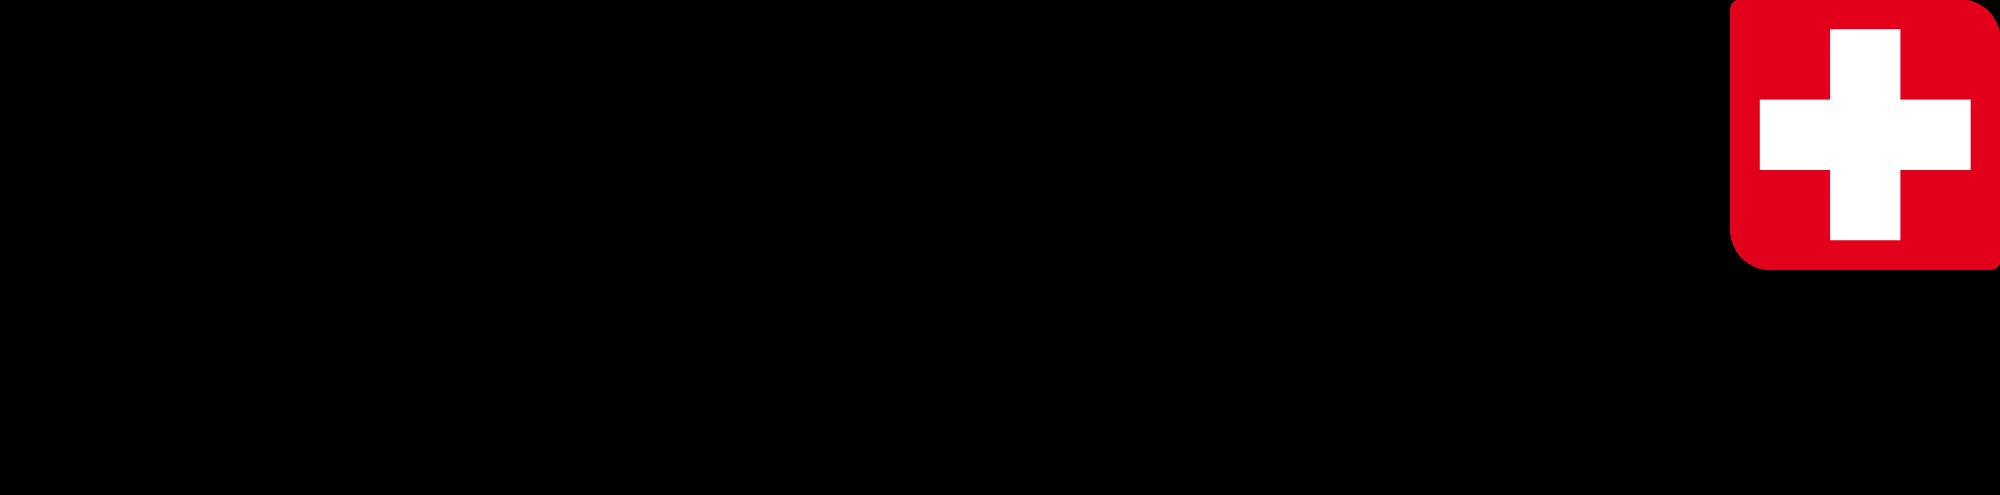 Sigg Deutschland GmbH